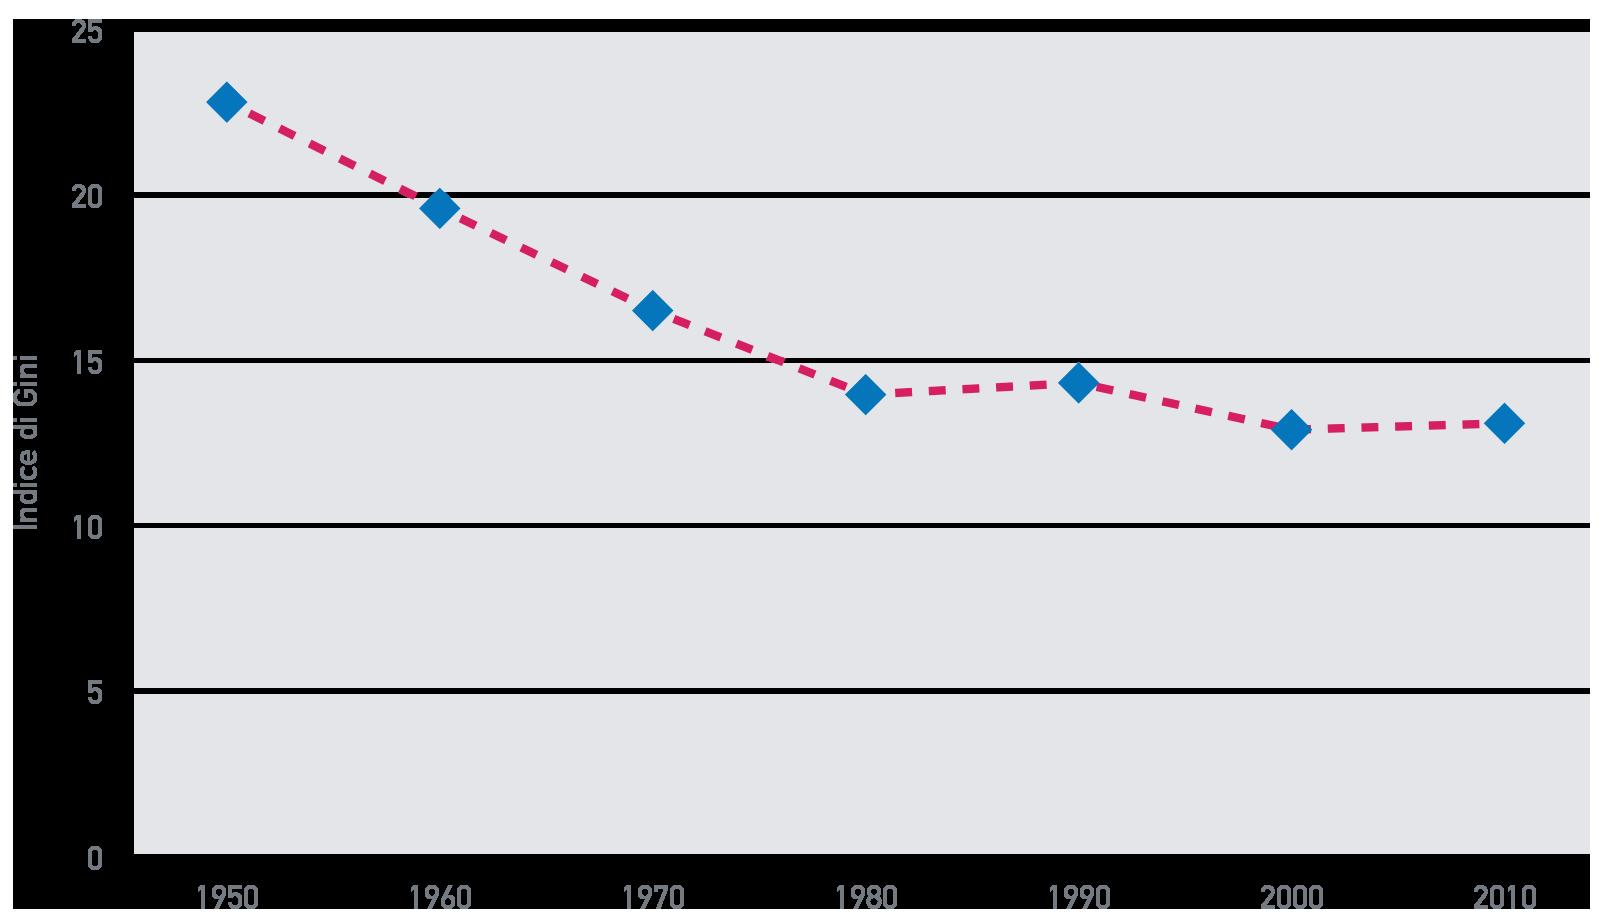 Fig. A.13: Disuguaglianze regionali in Europa, 1950-2010